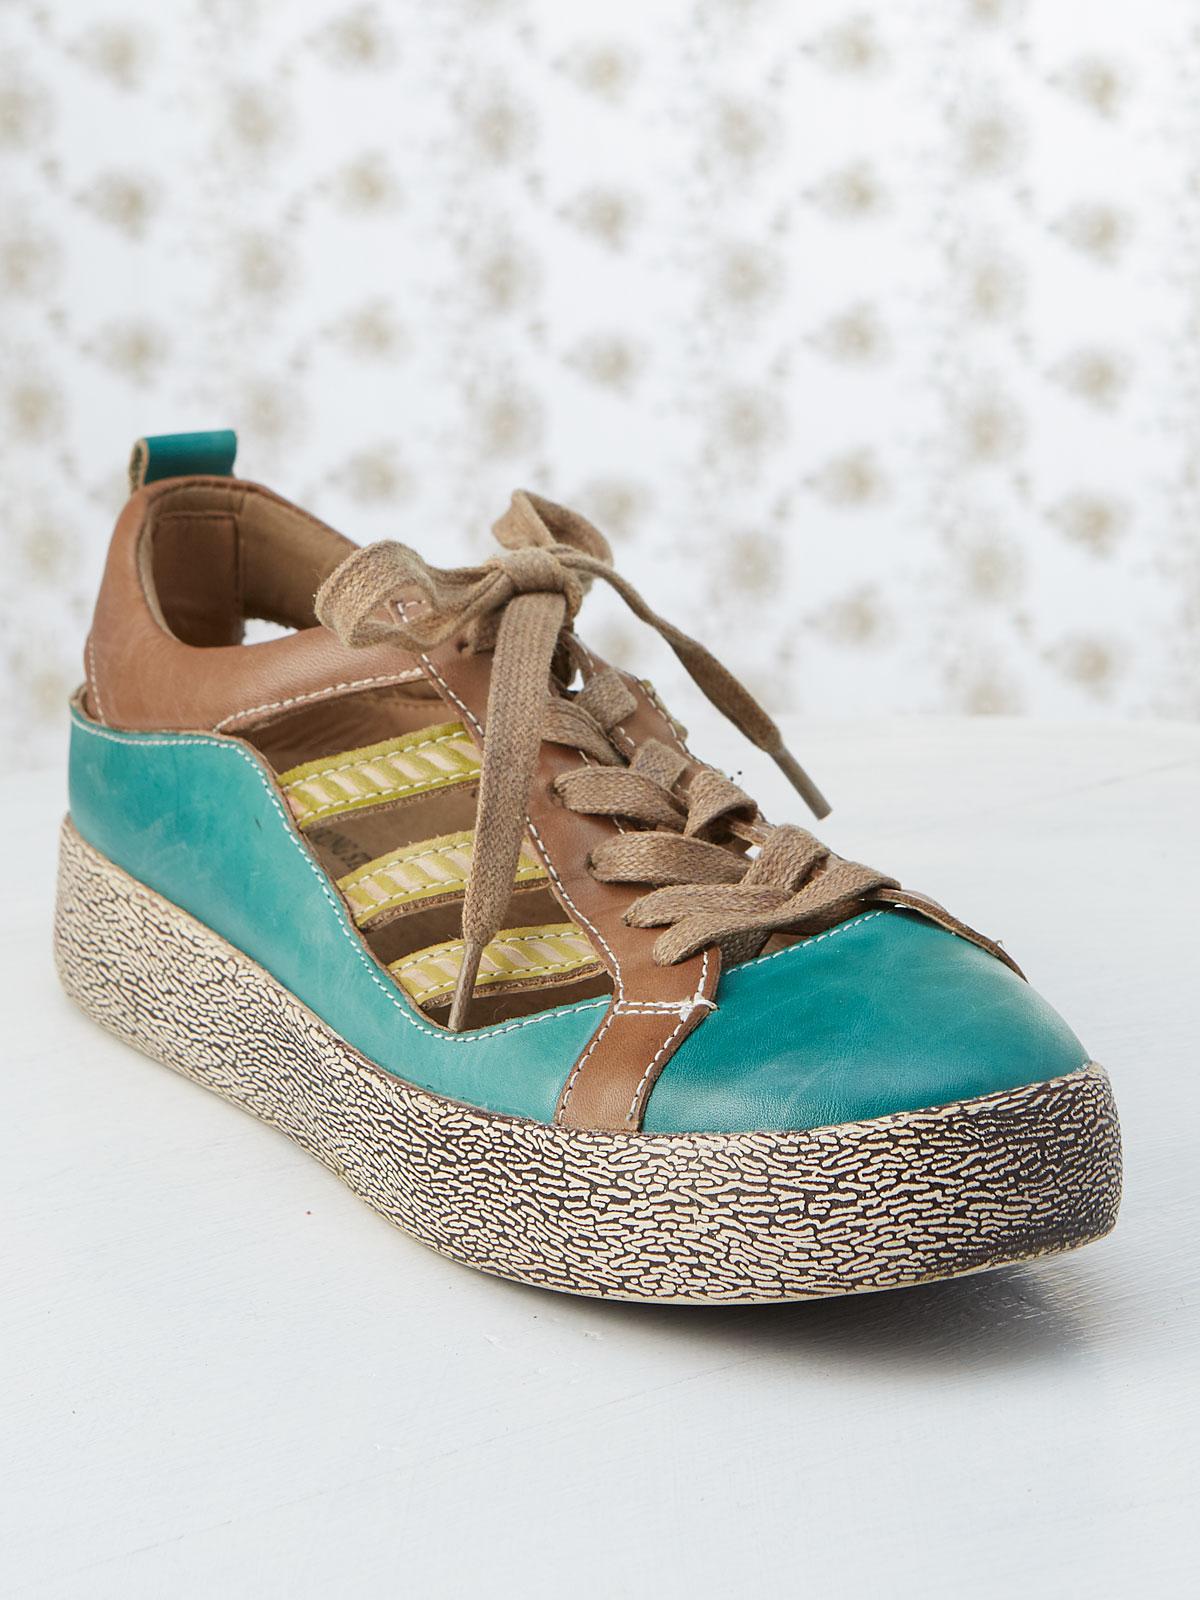 Porscha Sneaker